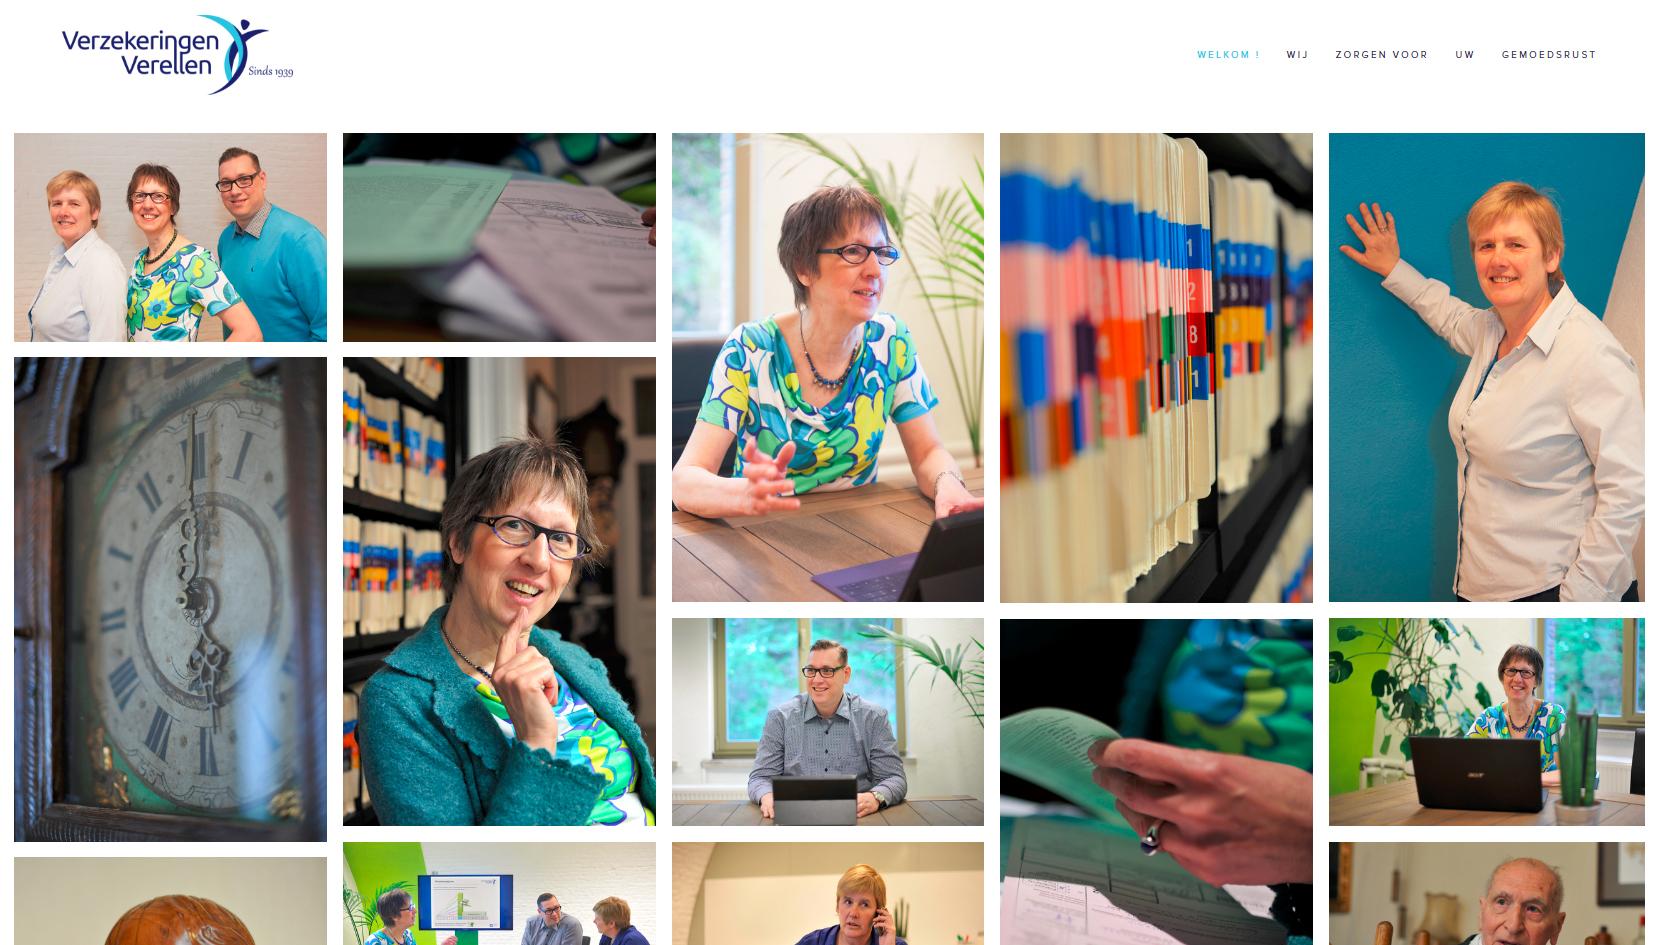 Verzekeringen Verellen uit Berchem  www.verzekeringenverellen.be